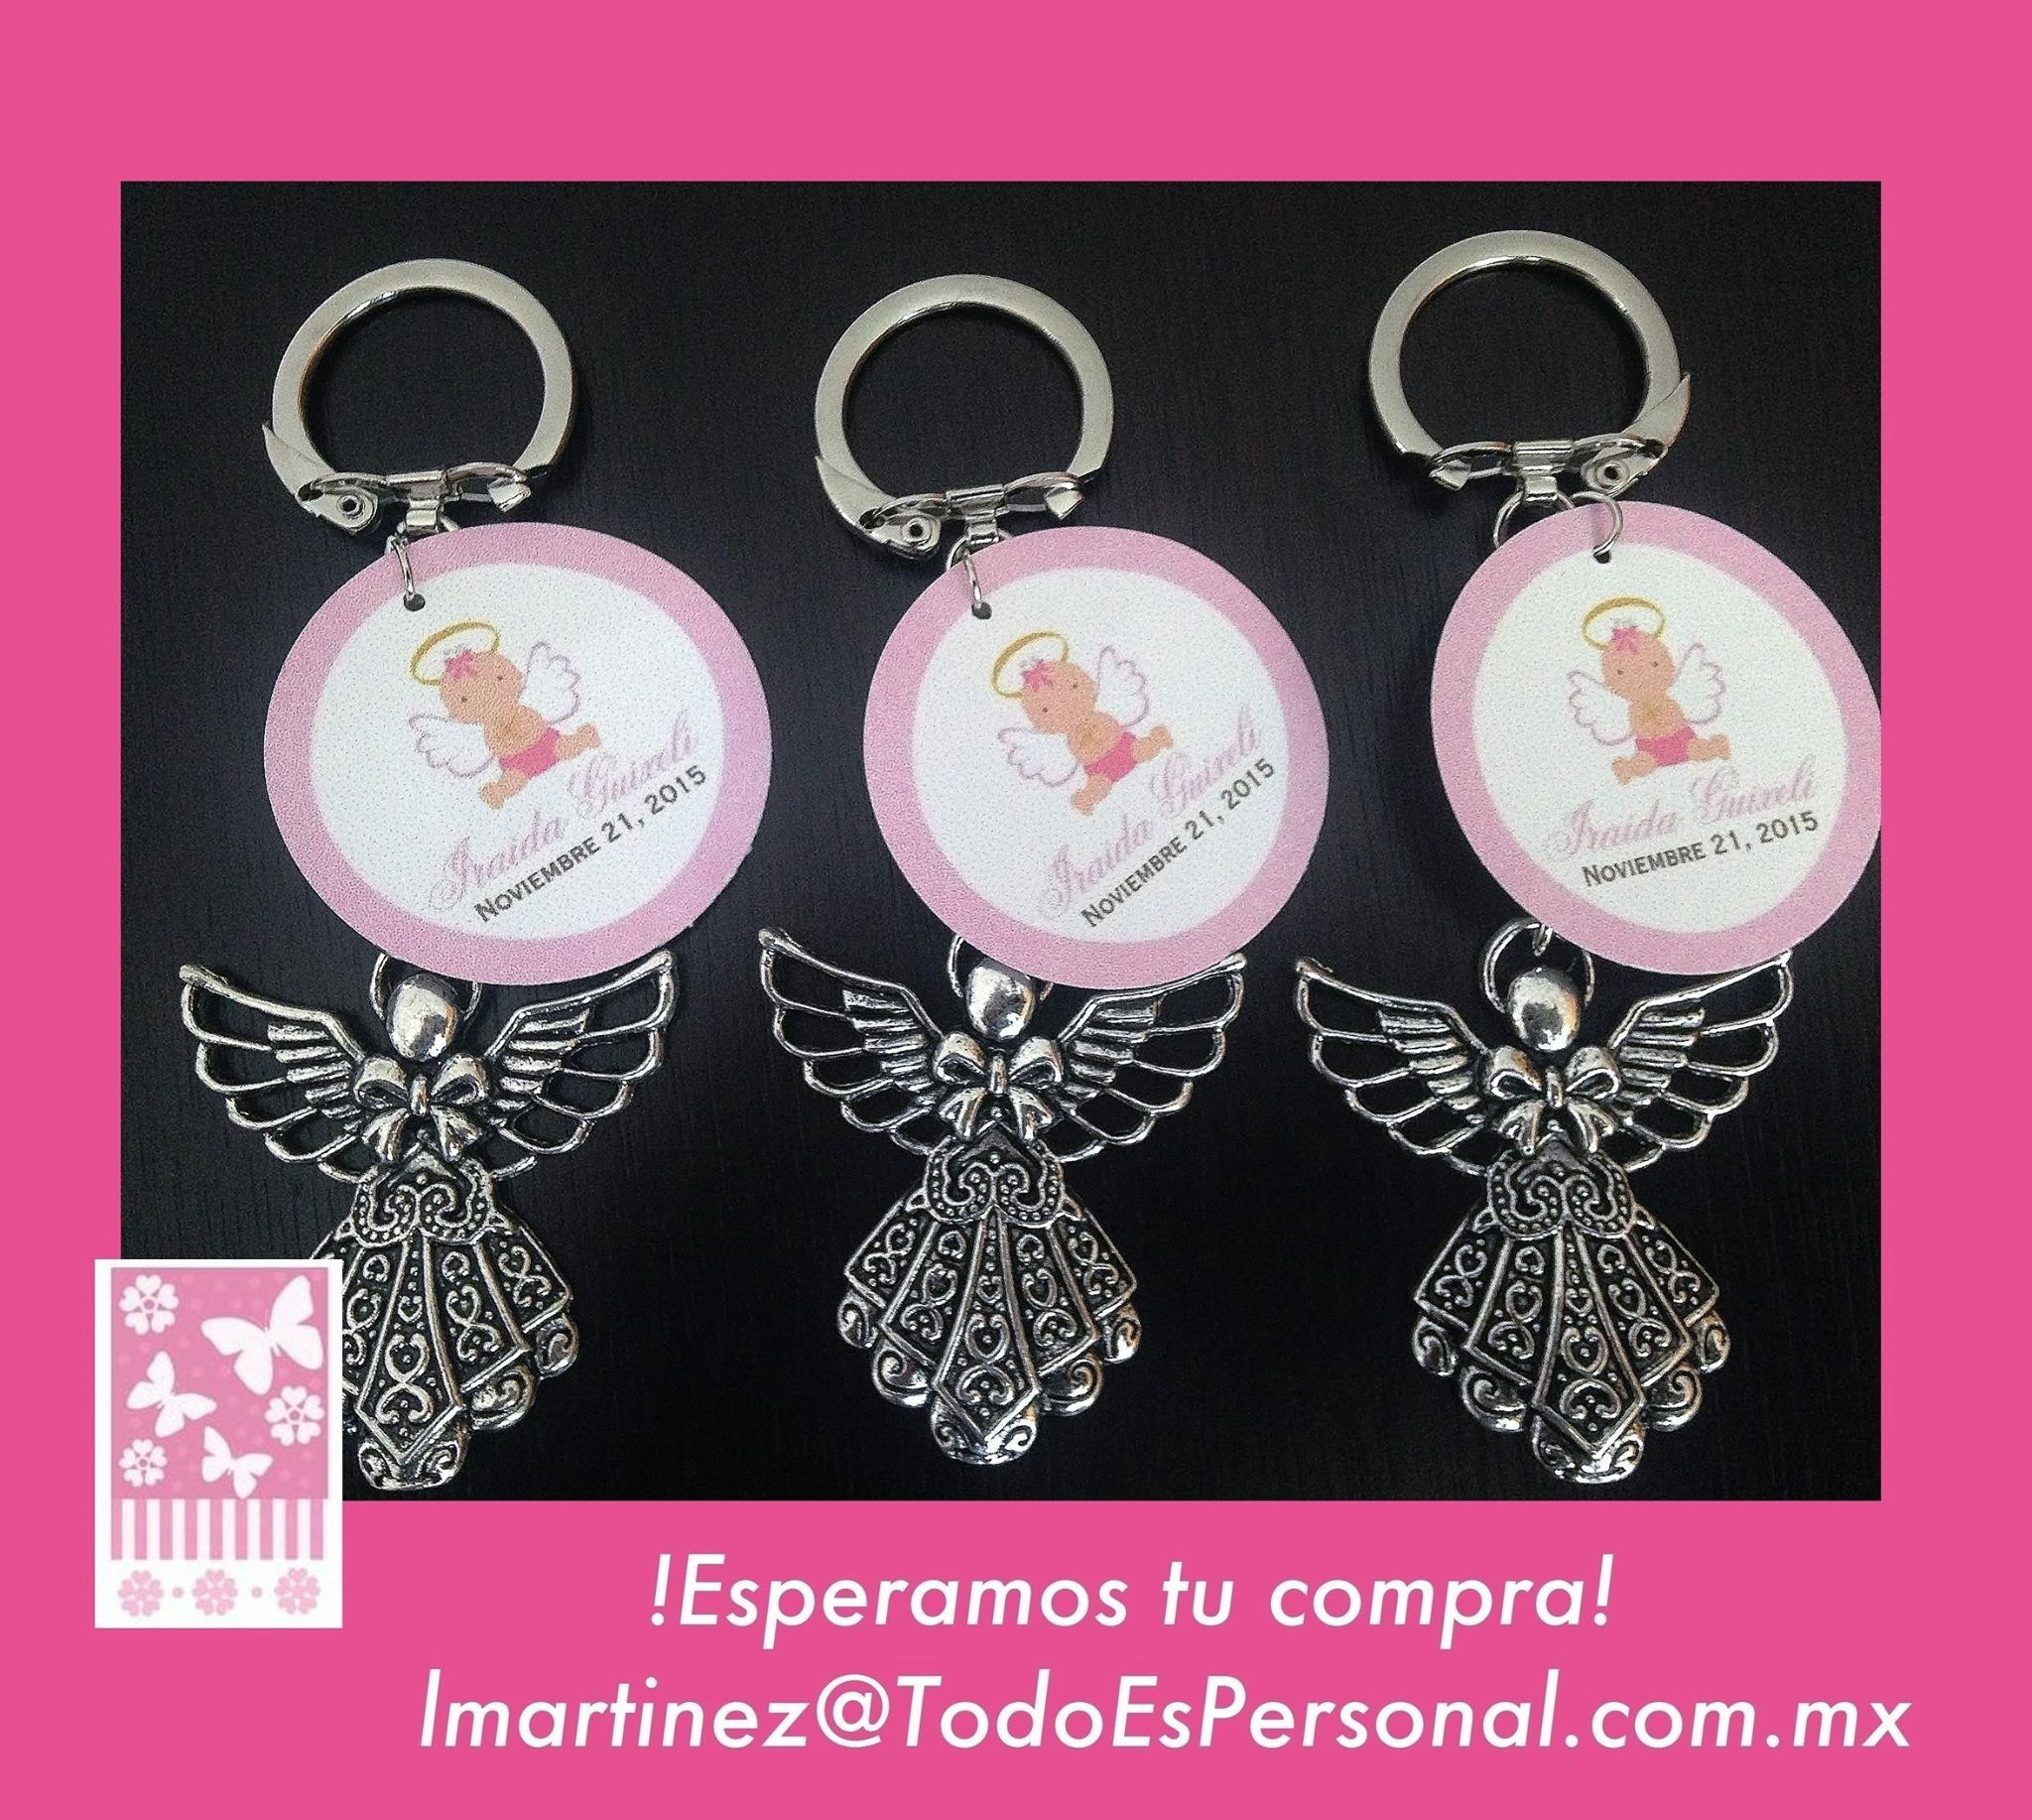 Angel Llavero para bautizo ($23.50 c/u) compra mínima 10 piezas